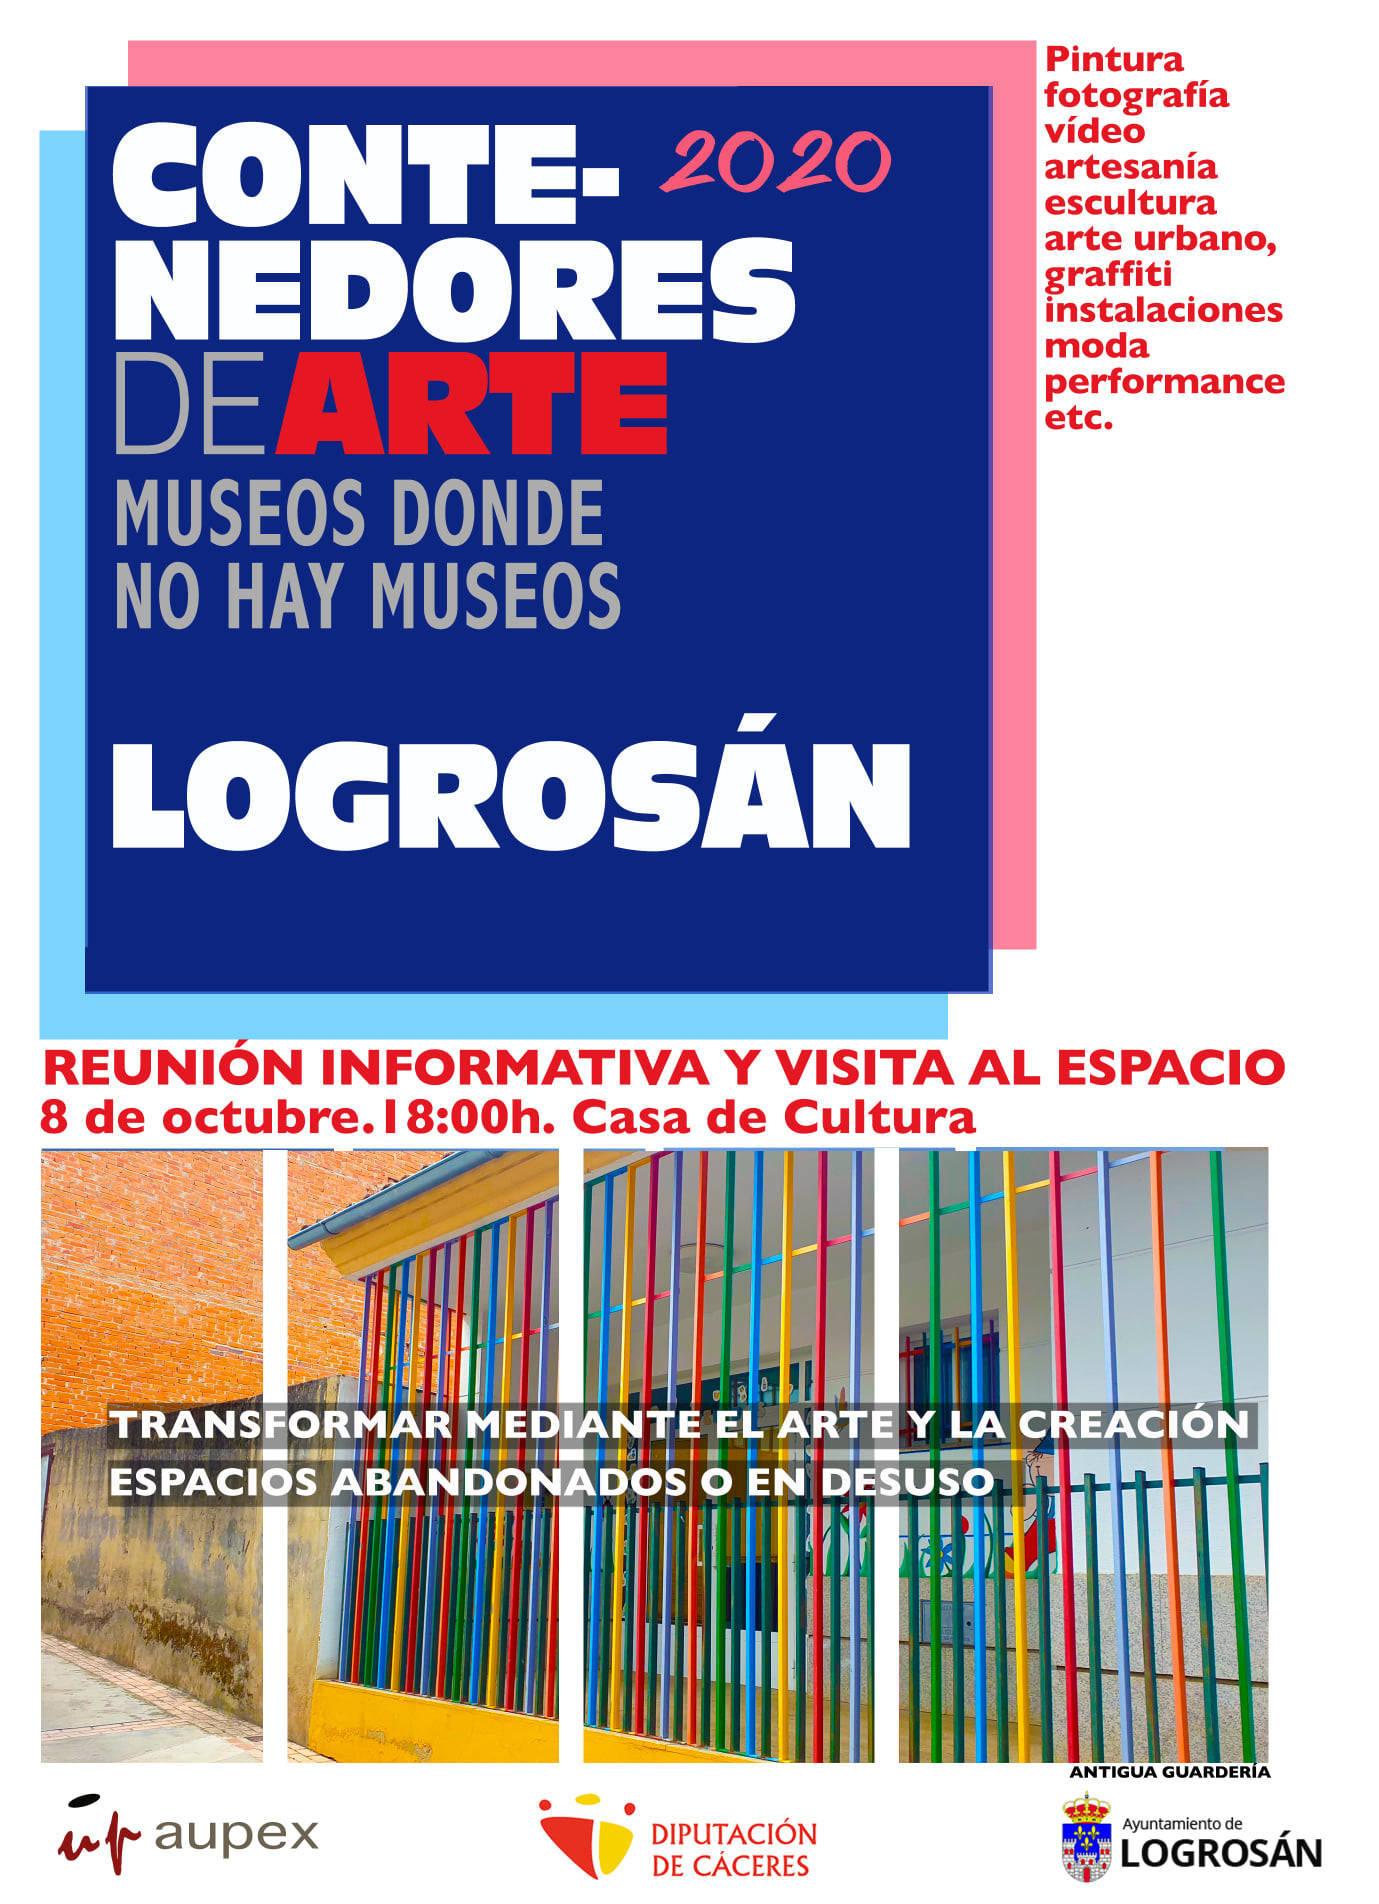 Contenedores de arte (2020) - Logrosán (Cáceres)